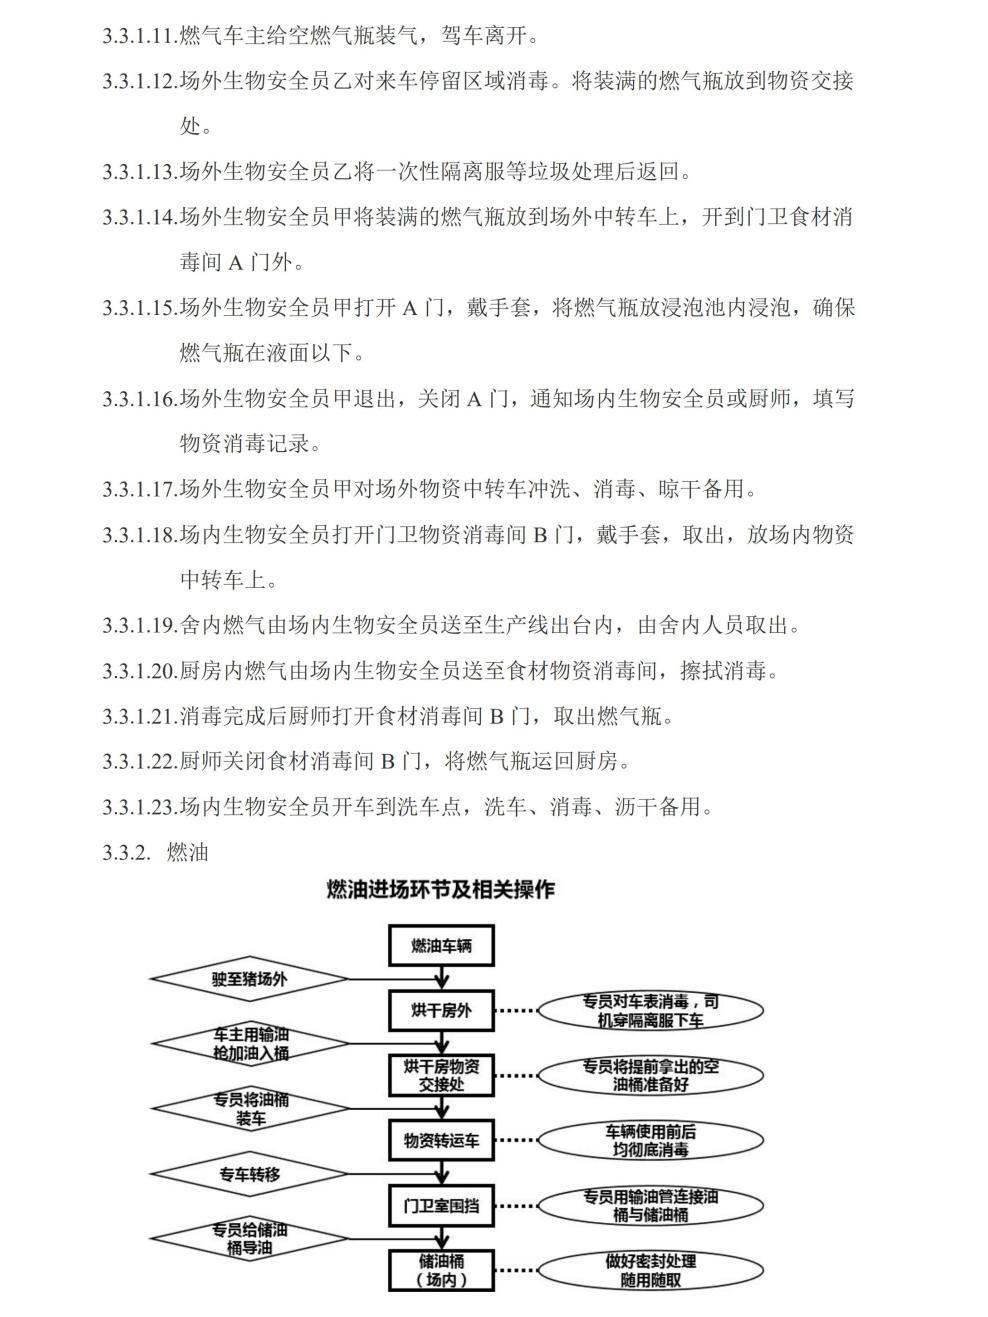 《规模化猪场复养技术要点》2.0版,增加了操作流程图等内容,更加直观展现技术要点